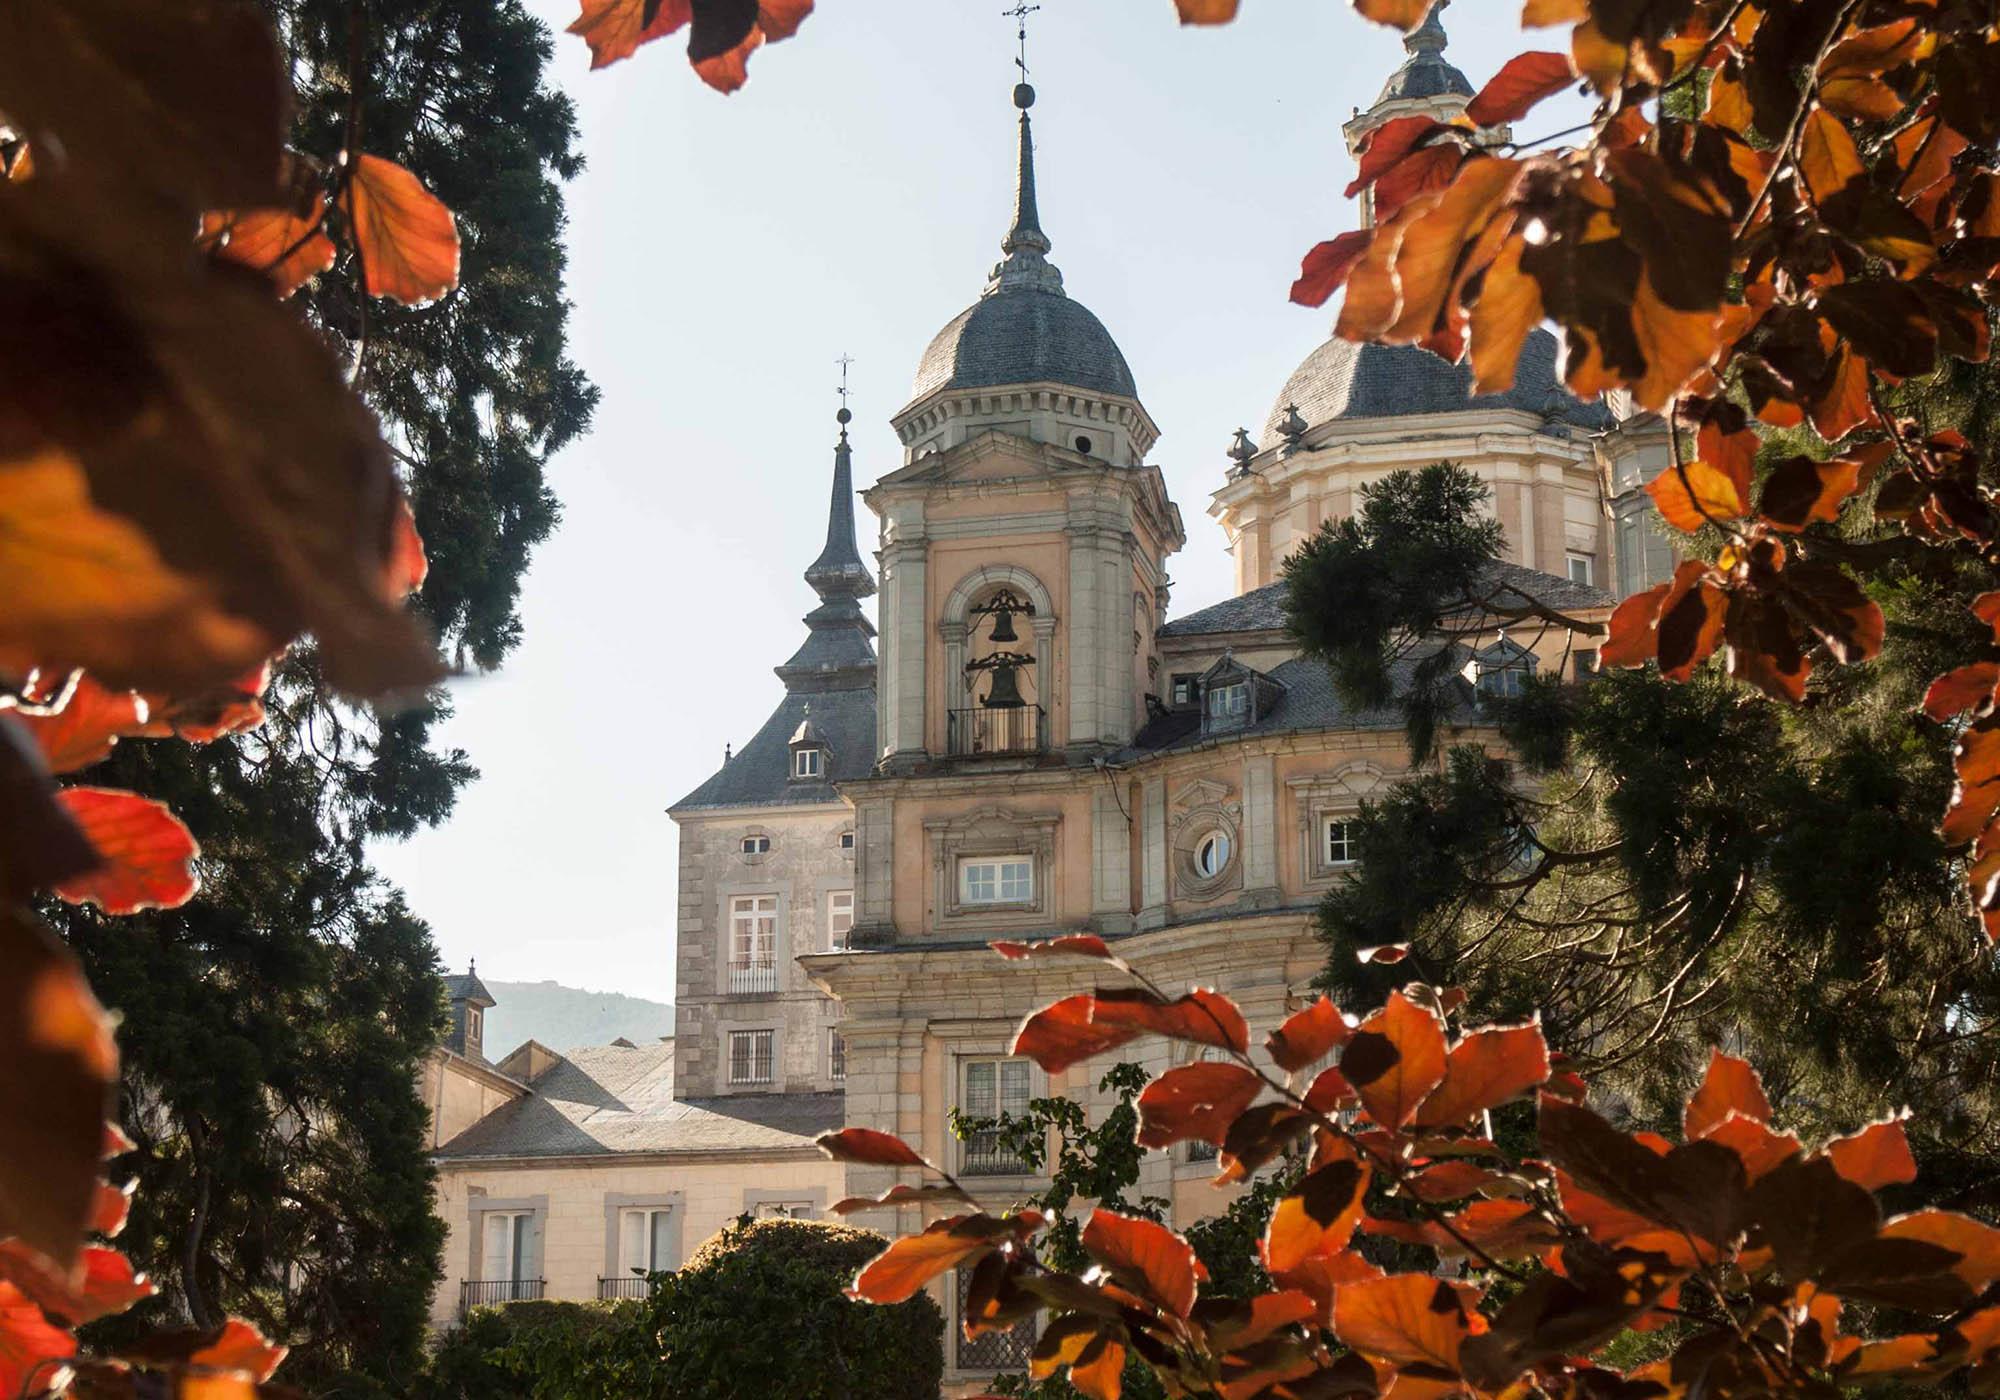 El Palacio de La Granja de Segovia, el mejor arranque de la senda marcada por Carlos III. Foto: Shutterstock.